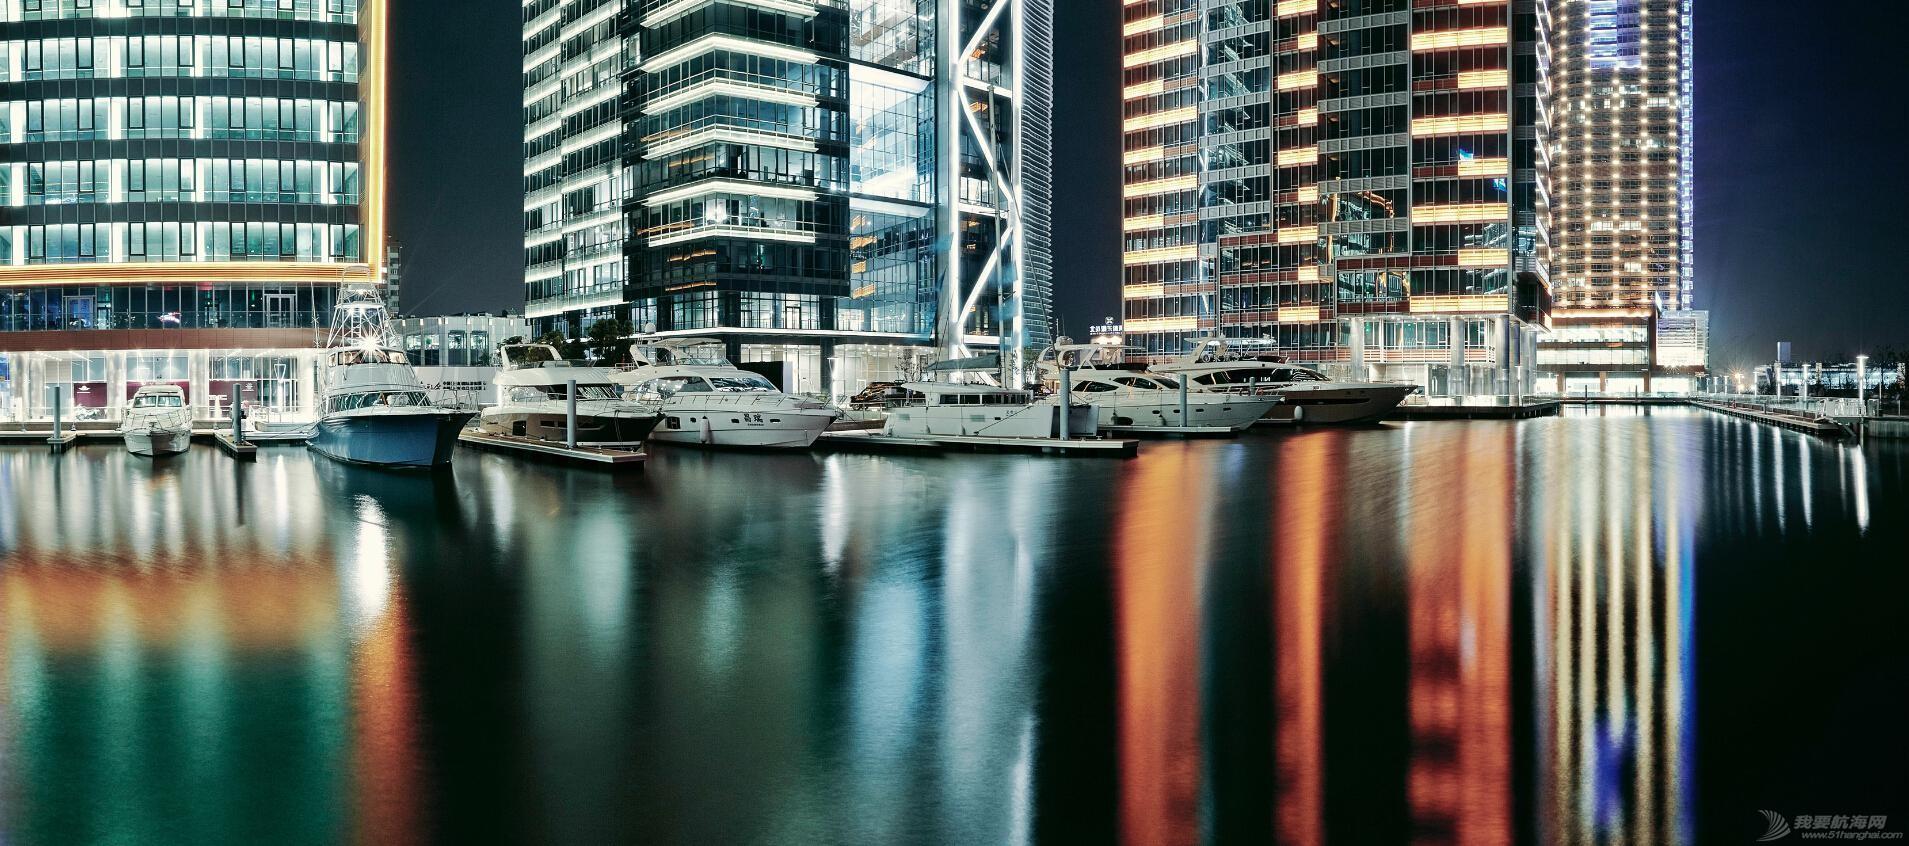 上海国际,有限公司,碧海蓝天,水上运动,为了孩子 艇进上海,艇动全城,上海游艇节即将开幕 7.jpg